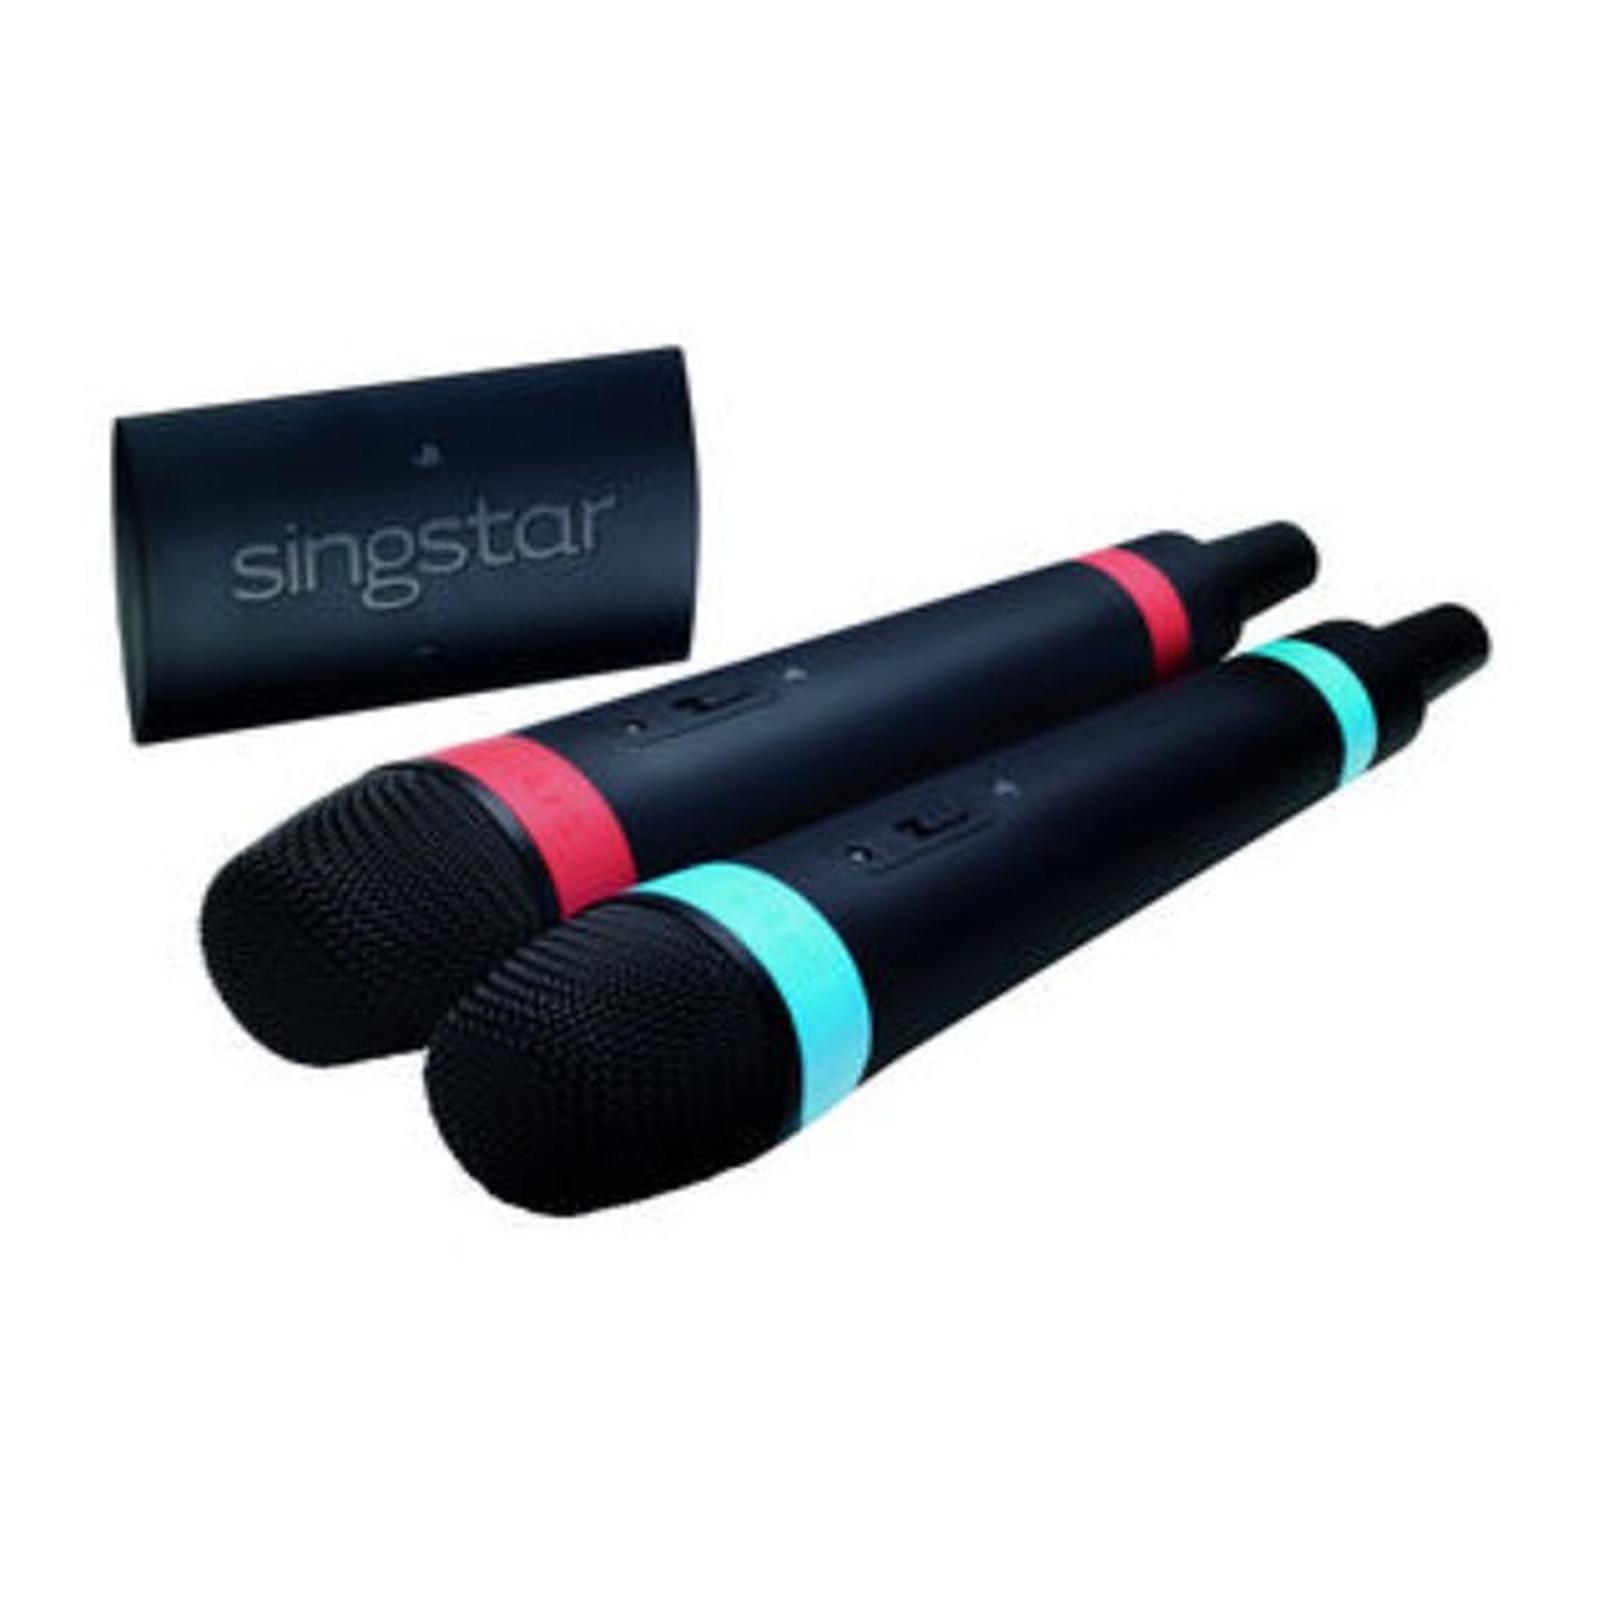 Sony Microphones Singstar sans fil pour PS3